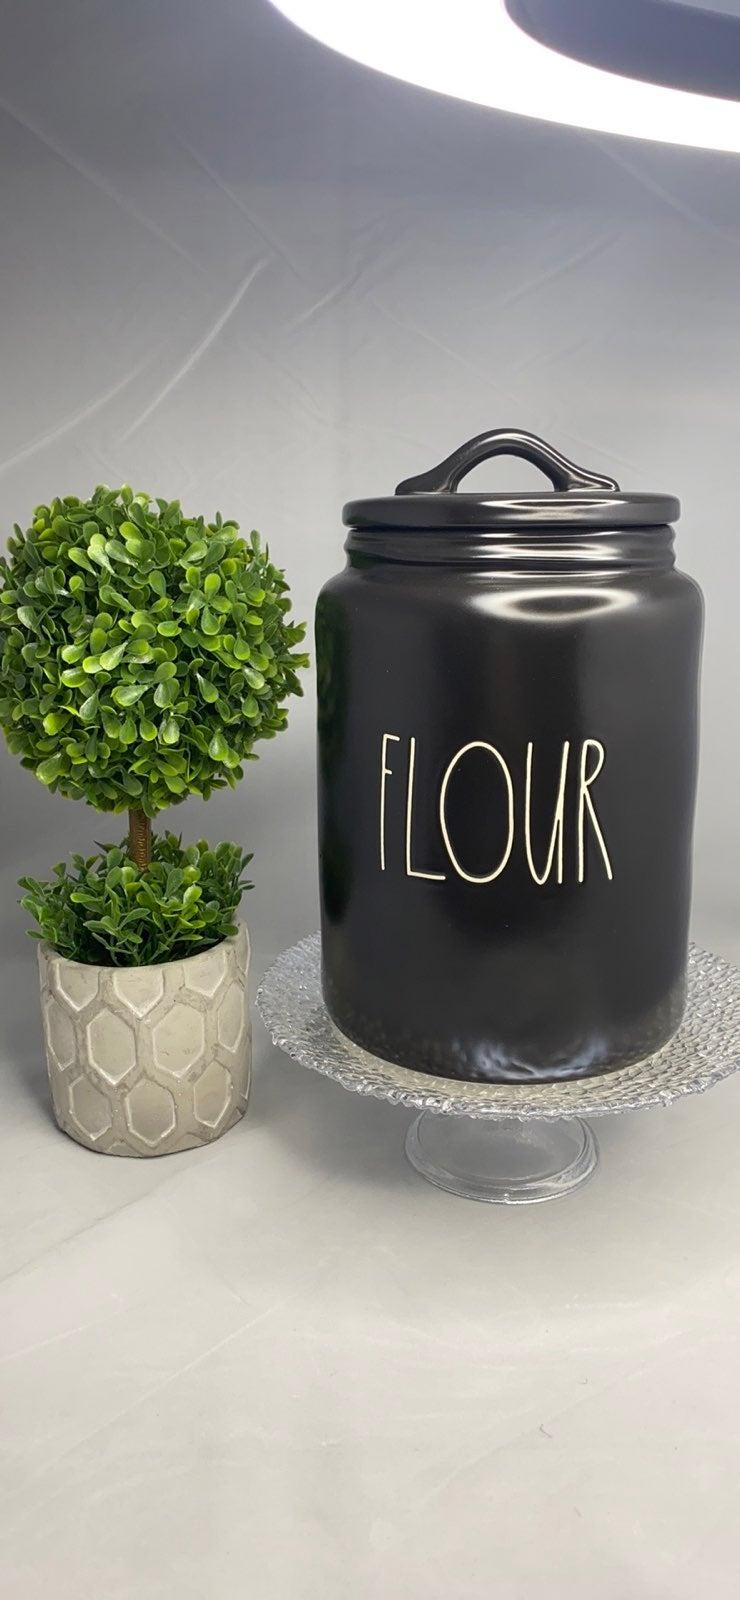 Rae dunn black flour canister NEW